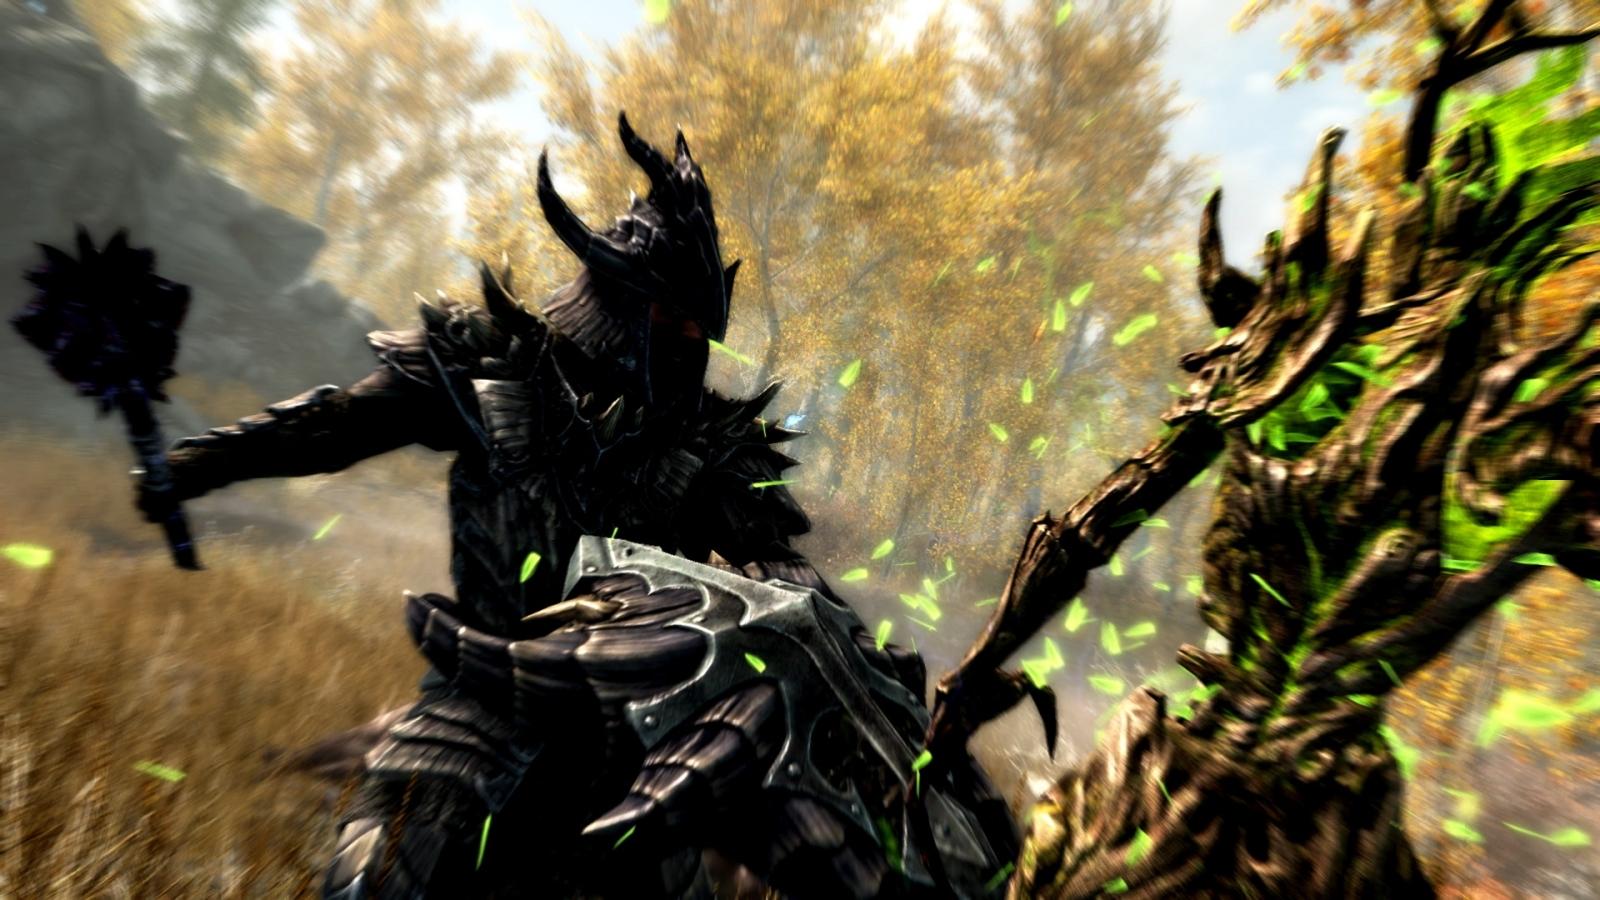 Skyrim Special Edition Spriggan attack